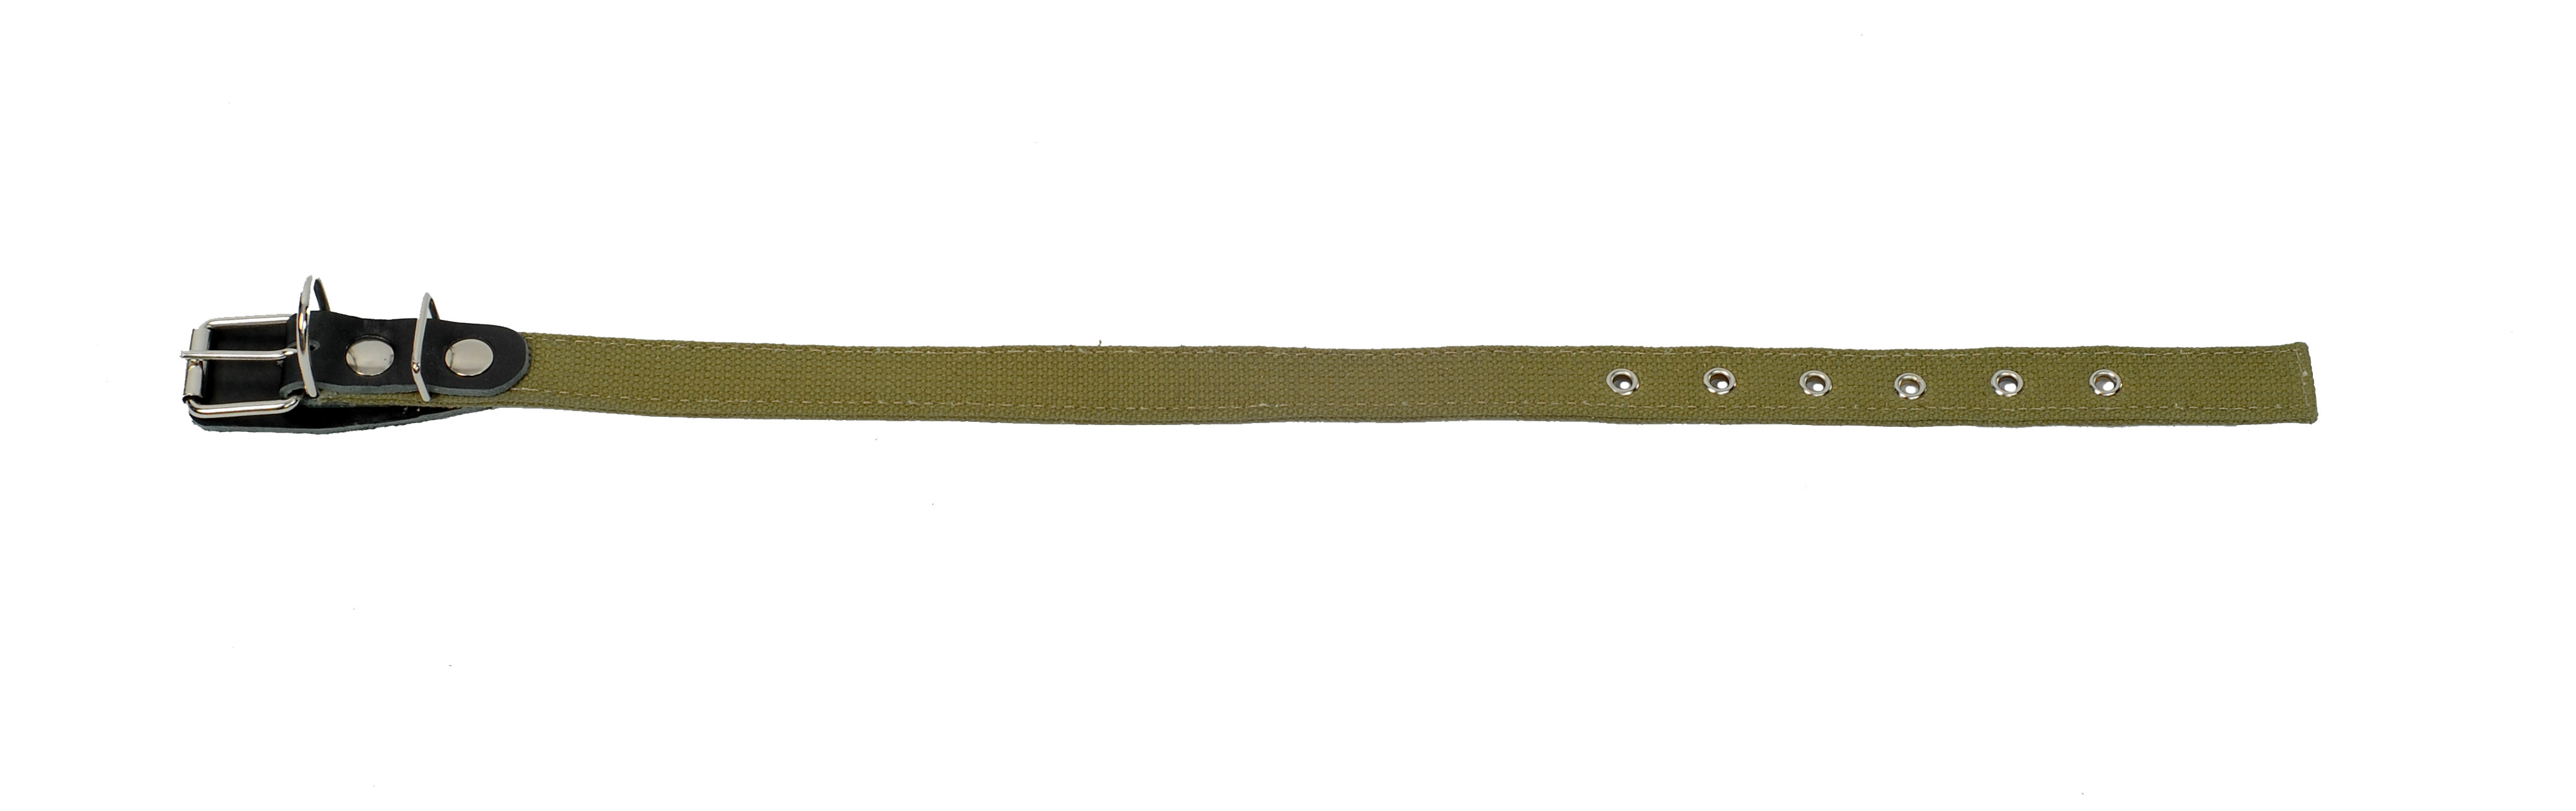 ошейник 25 двойной брезент о25дб (40-54 см x 25 мм) Kormberi.ru магазин товаров для ваших животных